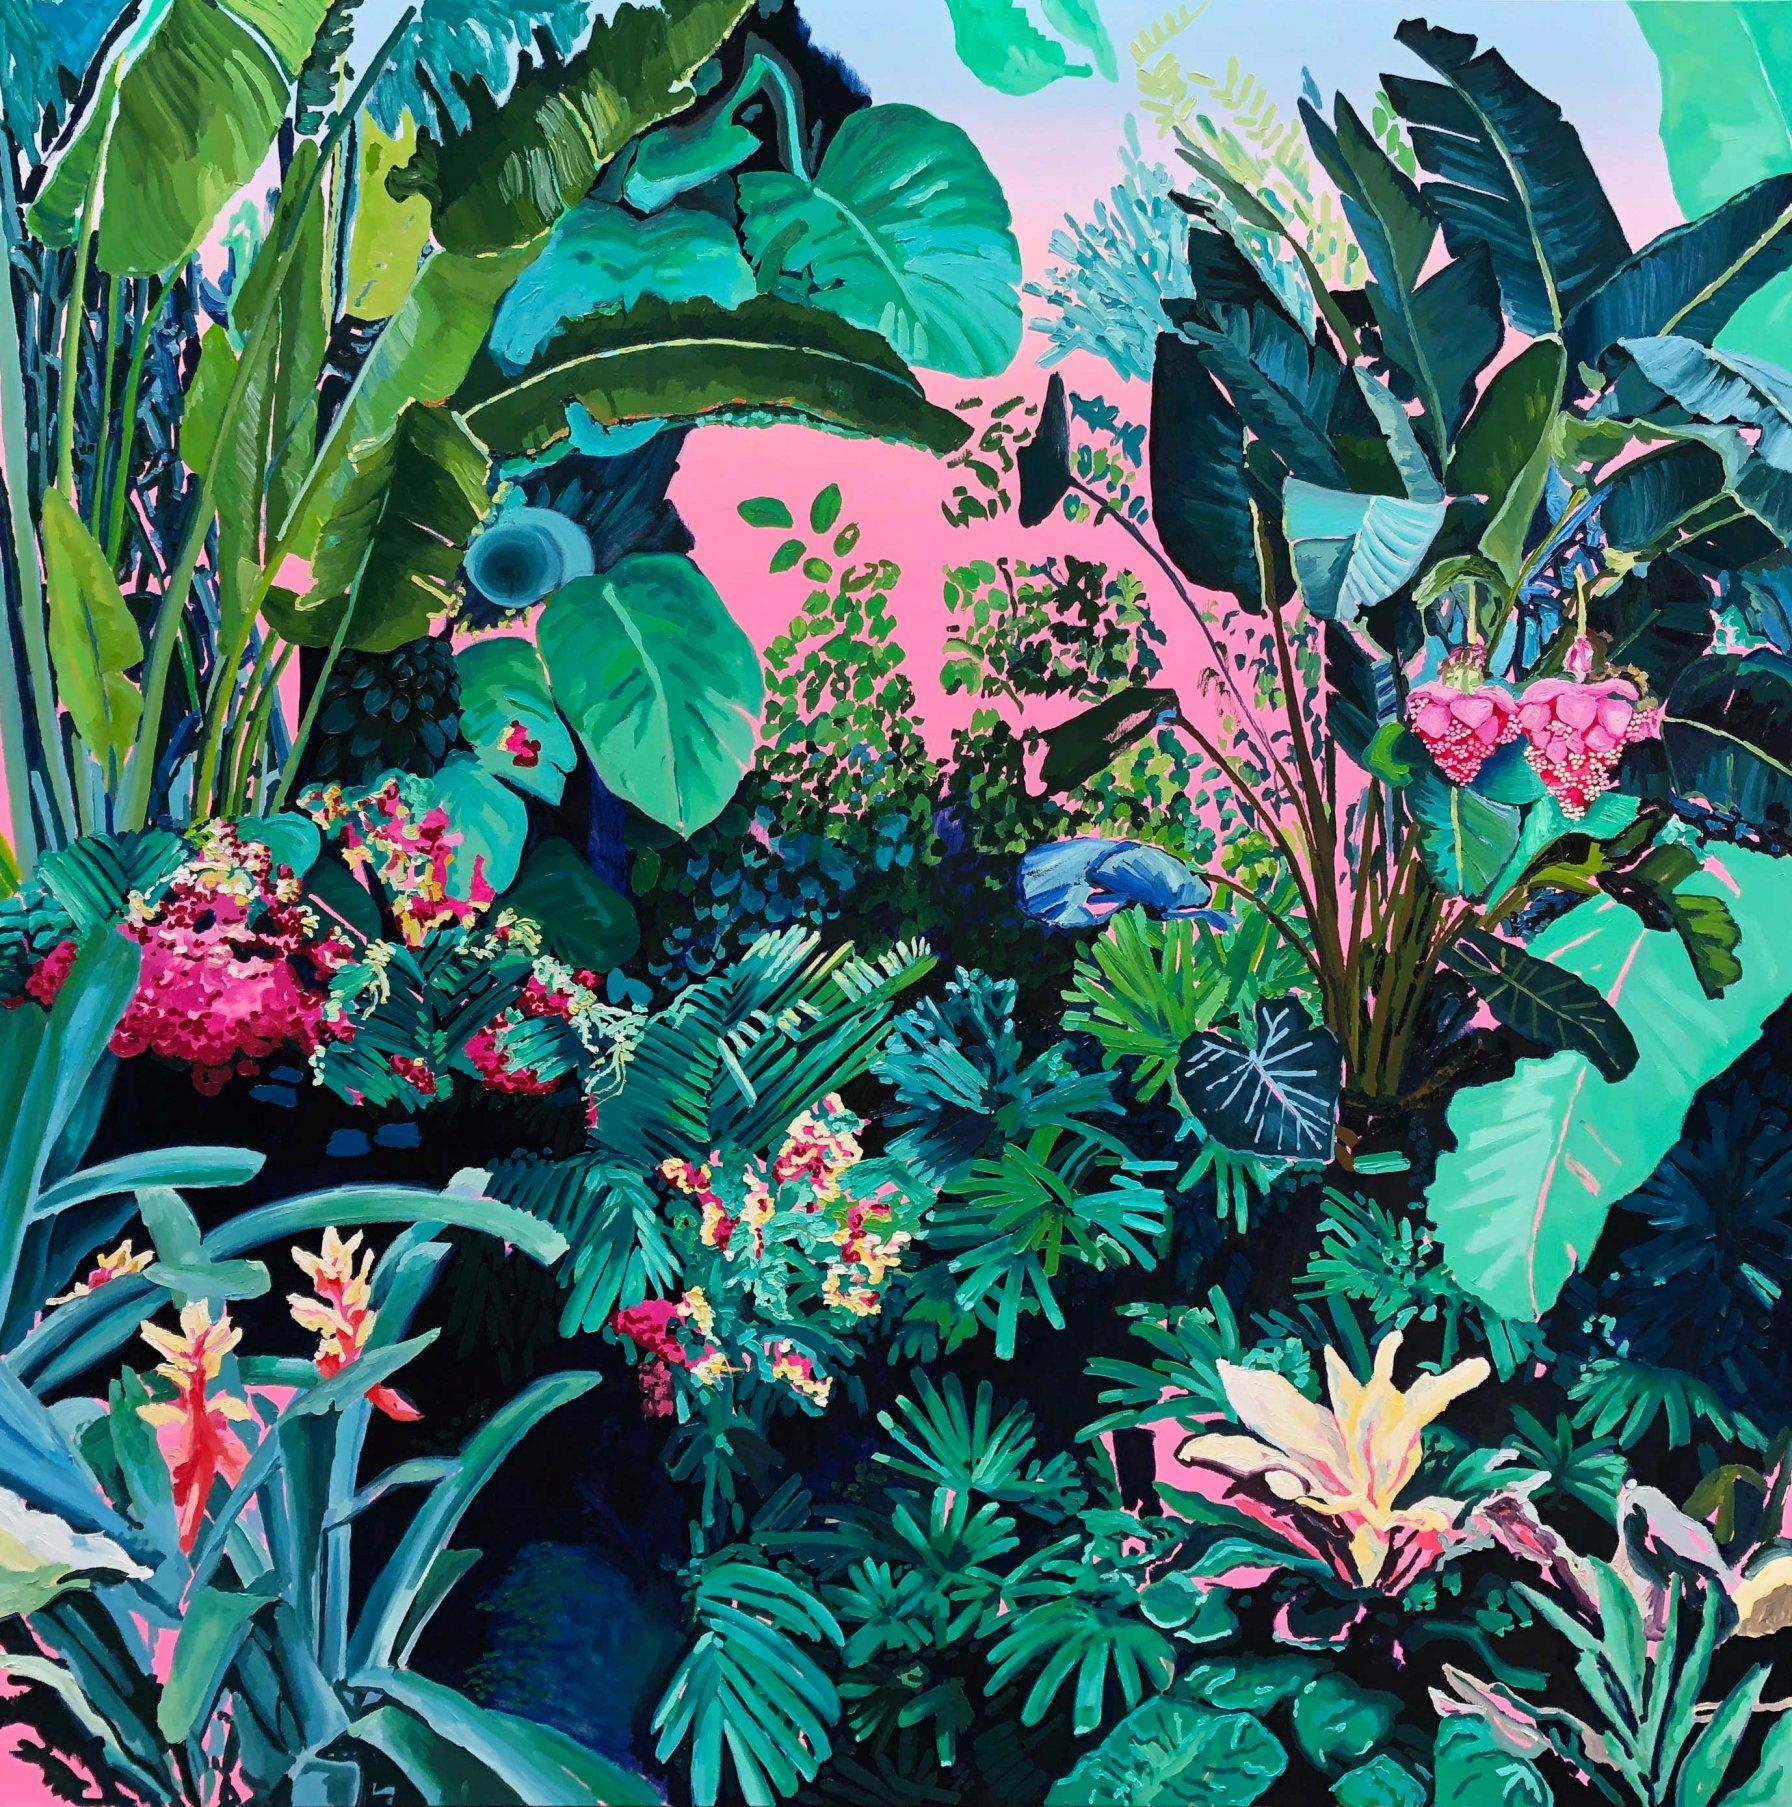 Jardin con fondo rosa (2018) - Alejandra Atarés Abad